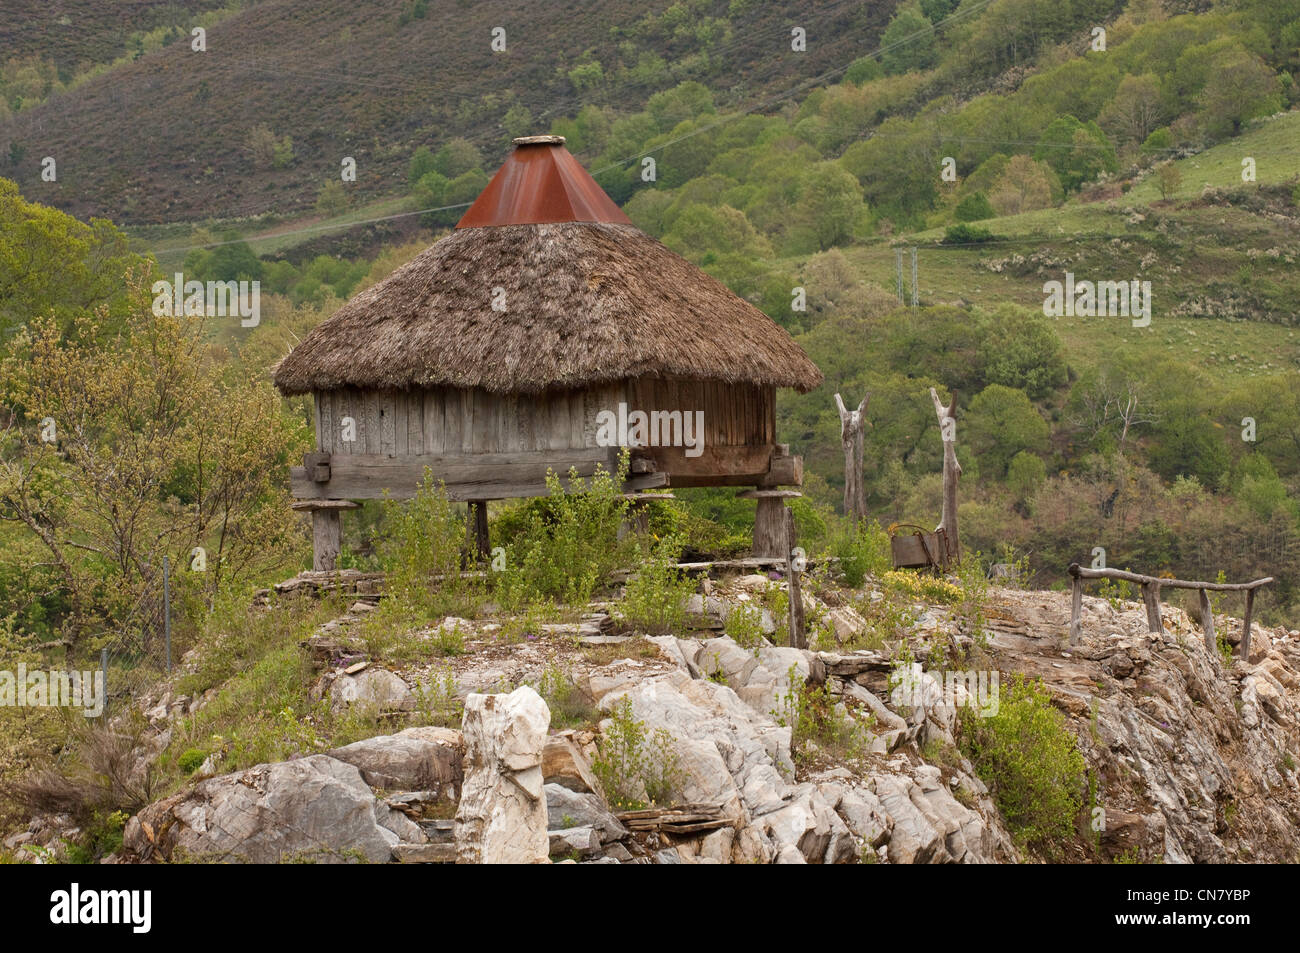 L'Espagne, la Galice, O Cebreiro, village de chaume traditionnels toits des maisons, ou des pallozas Photo Stock